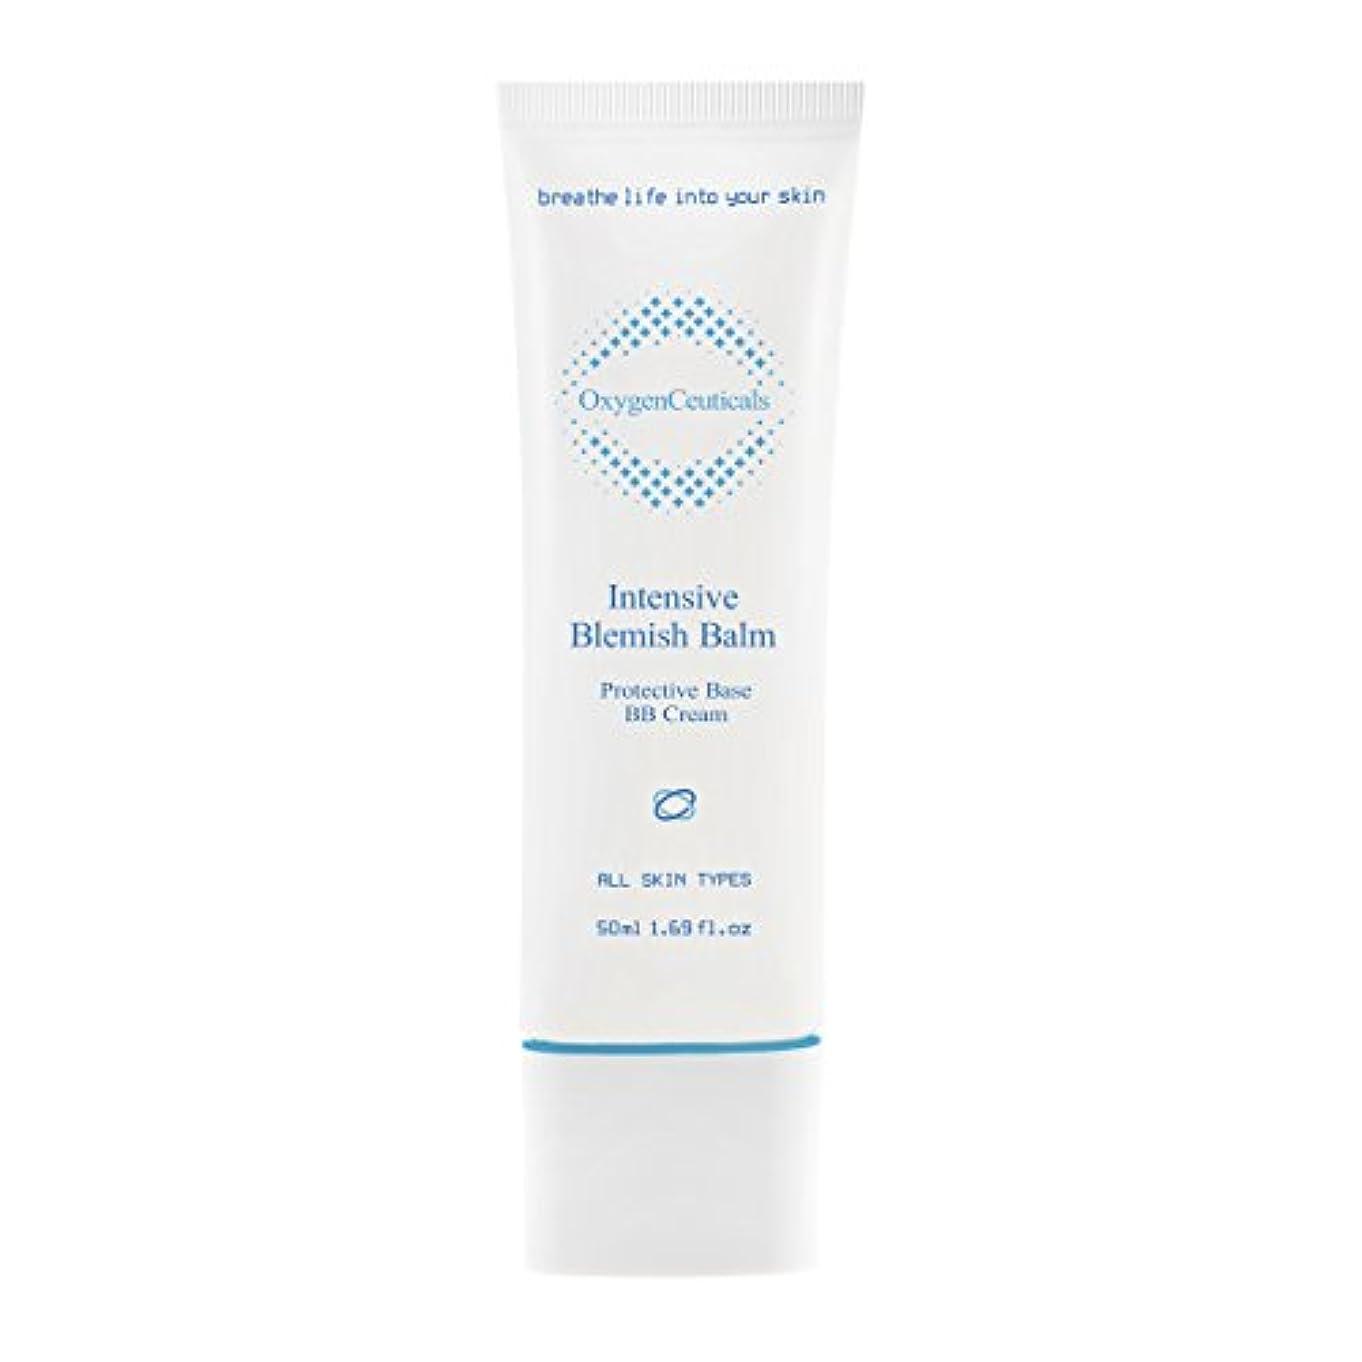 偏差傑作季節[ Oxygen Ceuticals ] オキシジェンシューティカルズ 酸素BBクリーム[再.生BB] 50ml. Intensive Blemish Balm(BB Cream) 50ml. X Mask Pack 1p.